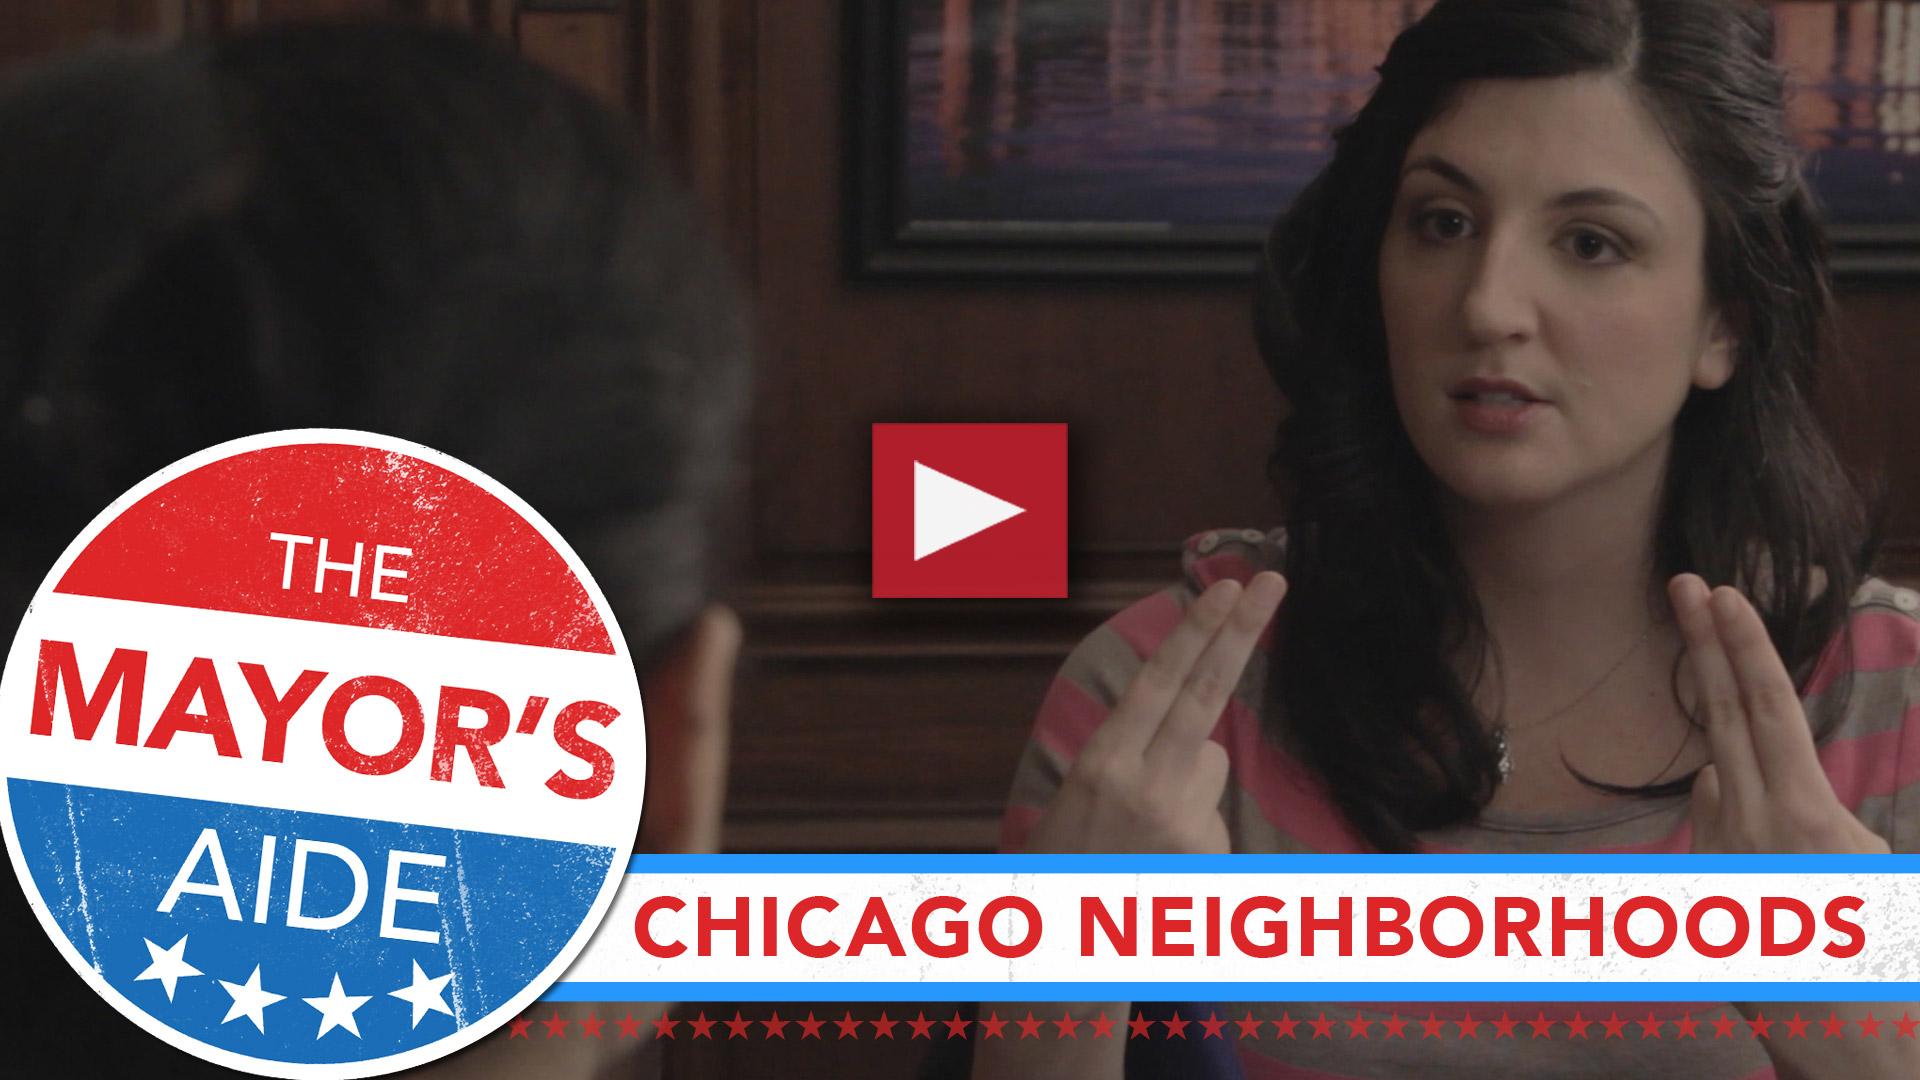 The Mayor's Aide – Chicago Neighborhoods